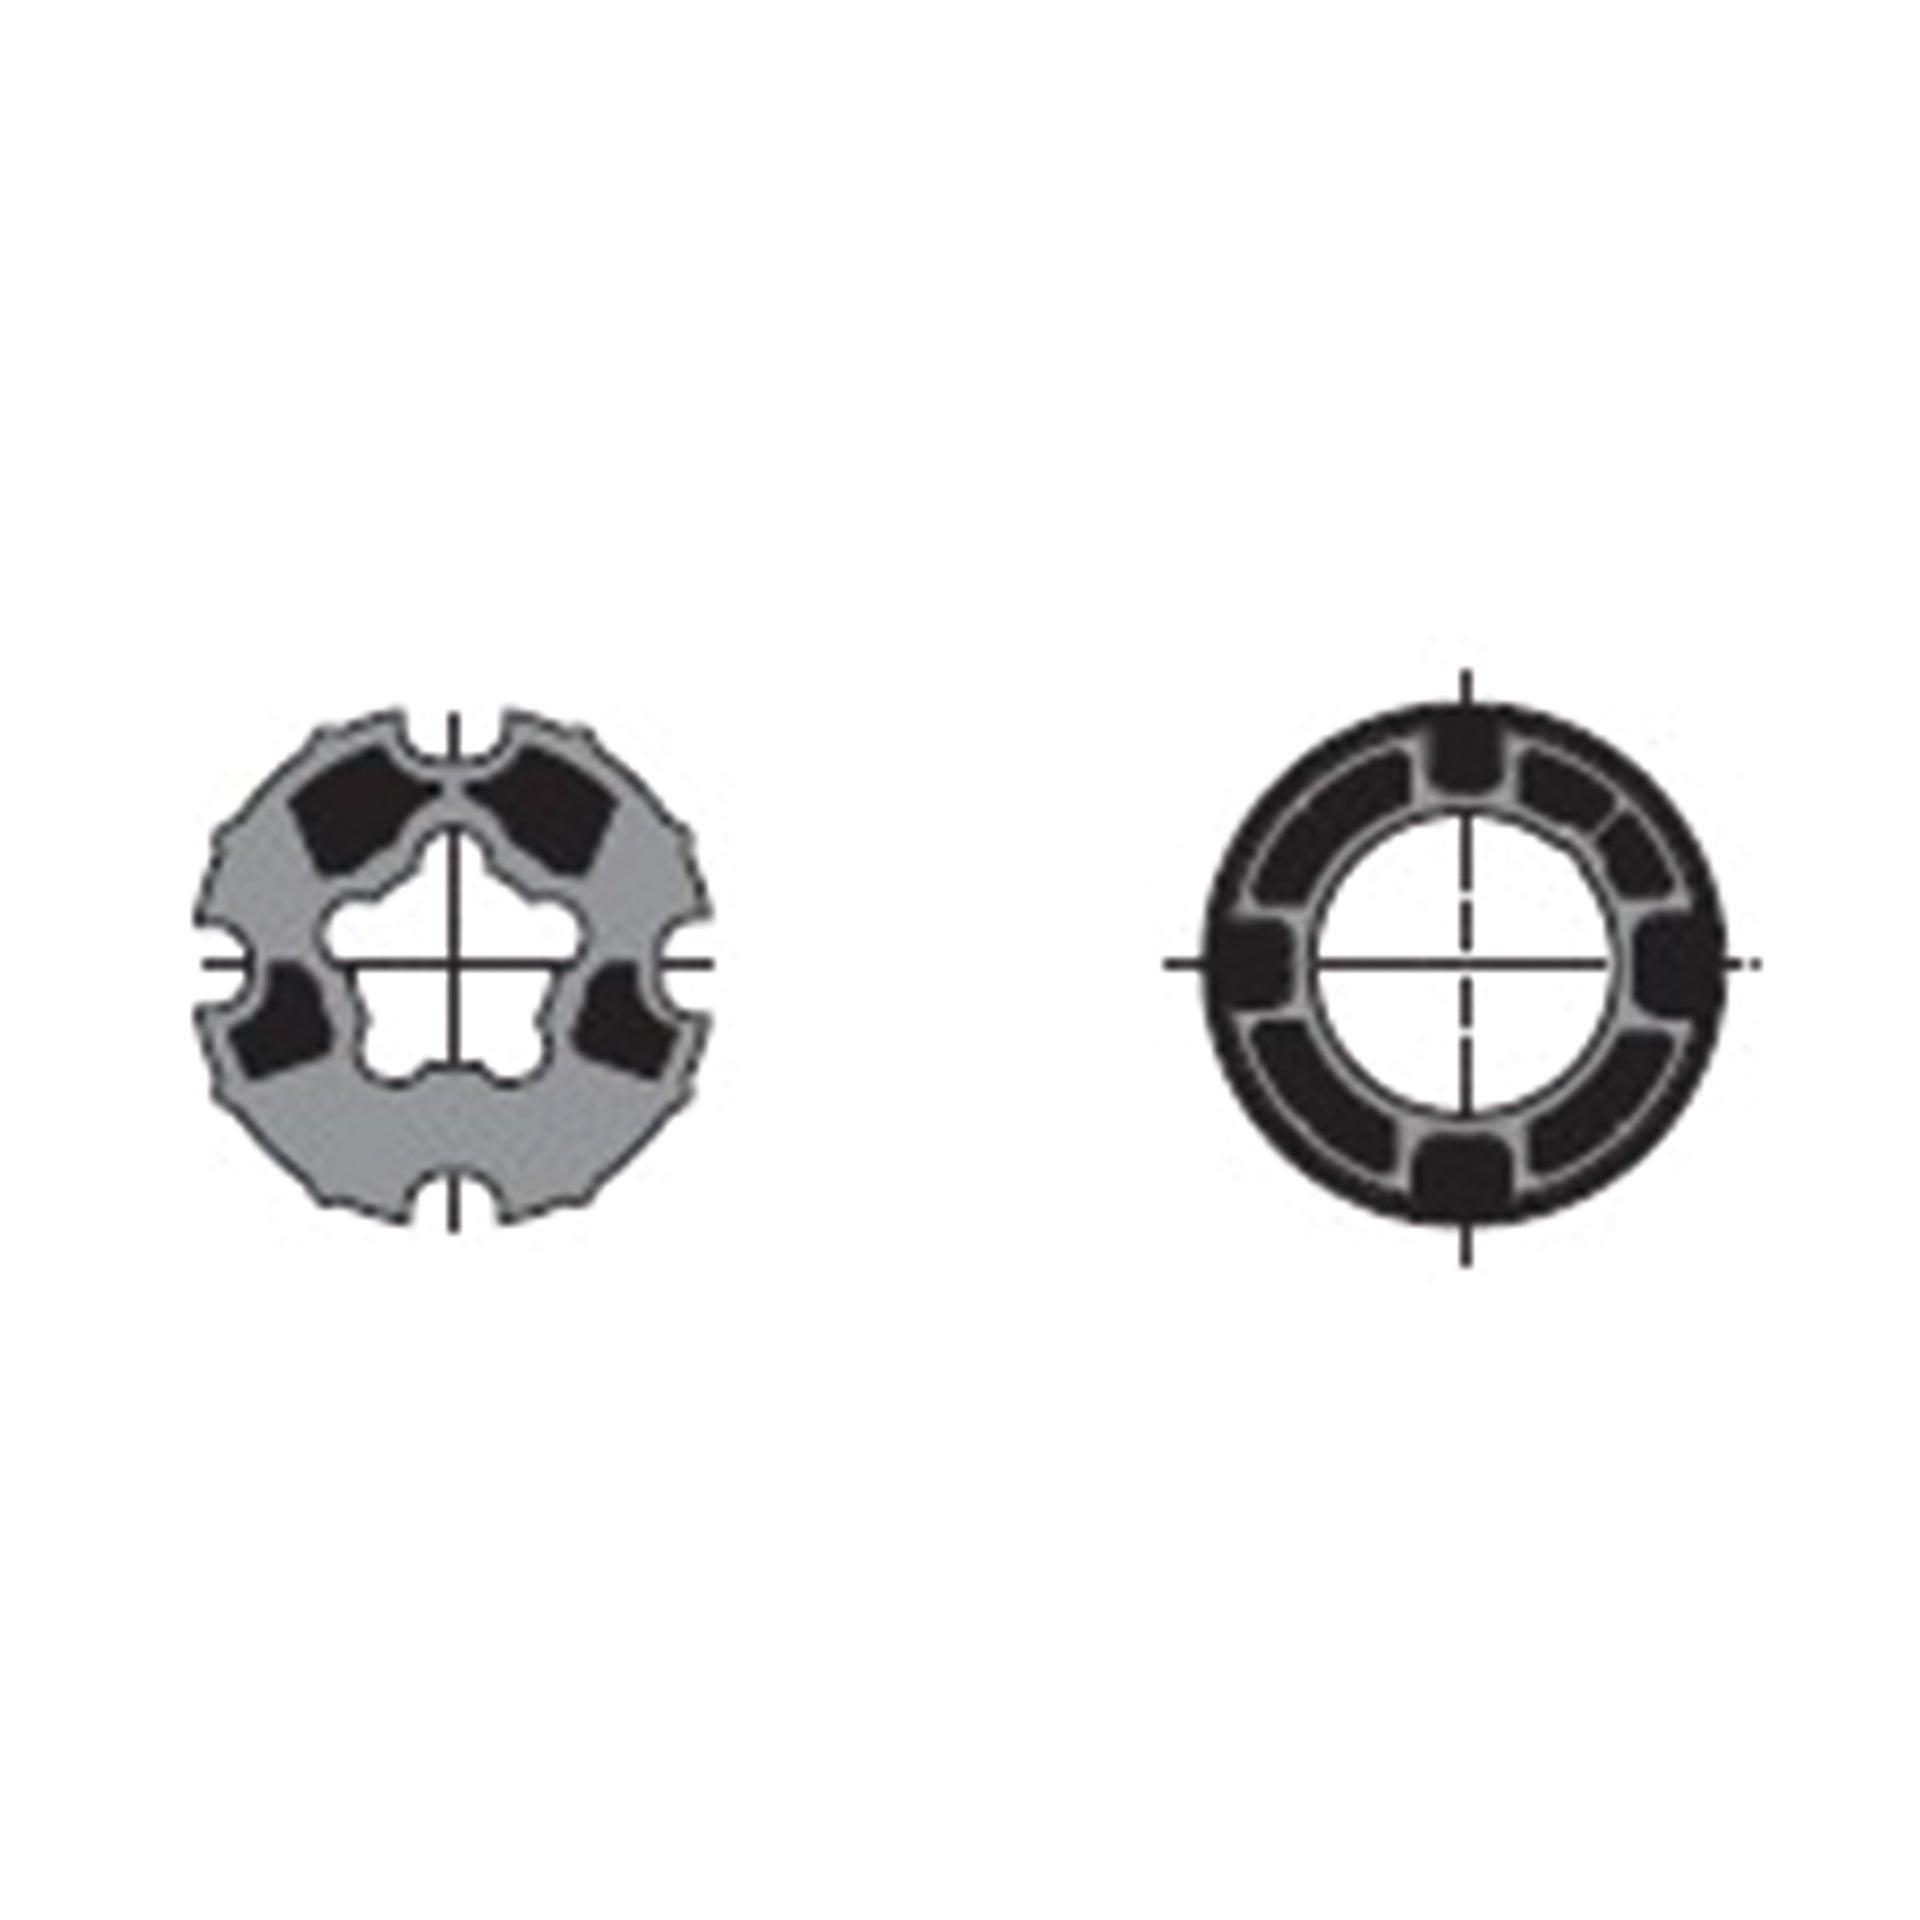 Adattatore in alluminio L 7 x H 7 x P 3 cm